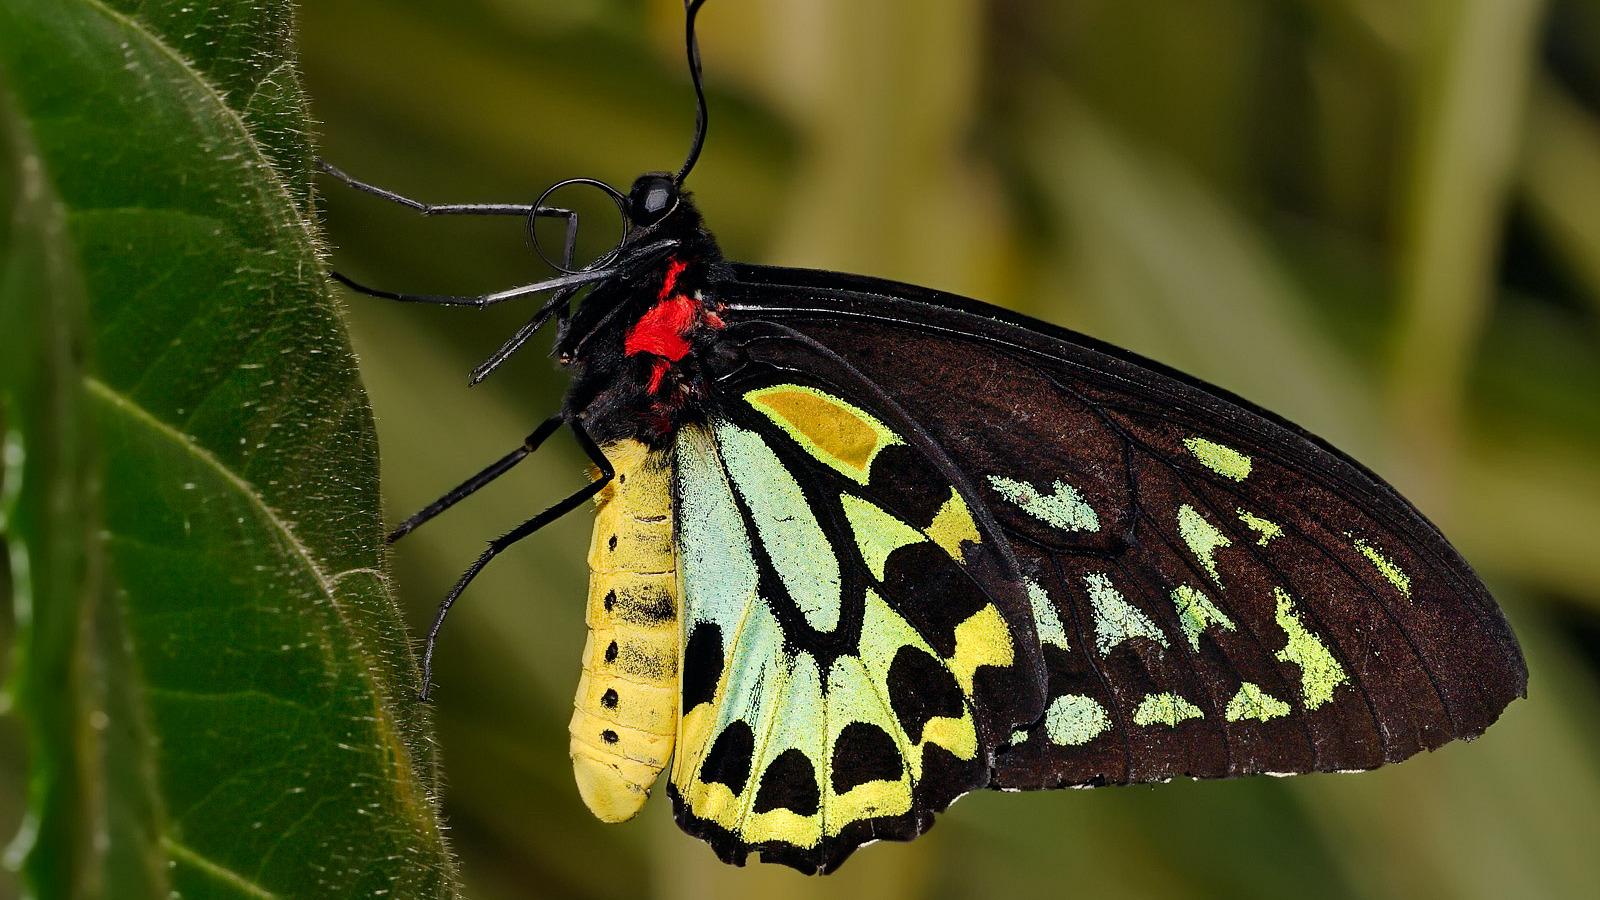 Kjp Fall Wallpaper En G 252 Zel Hd Kelebek Masa 252 St 252 Resimleri Hd Butterfly